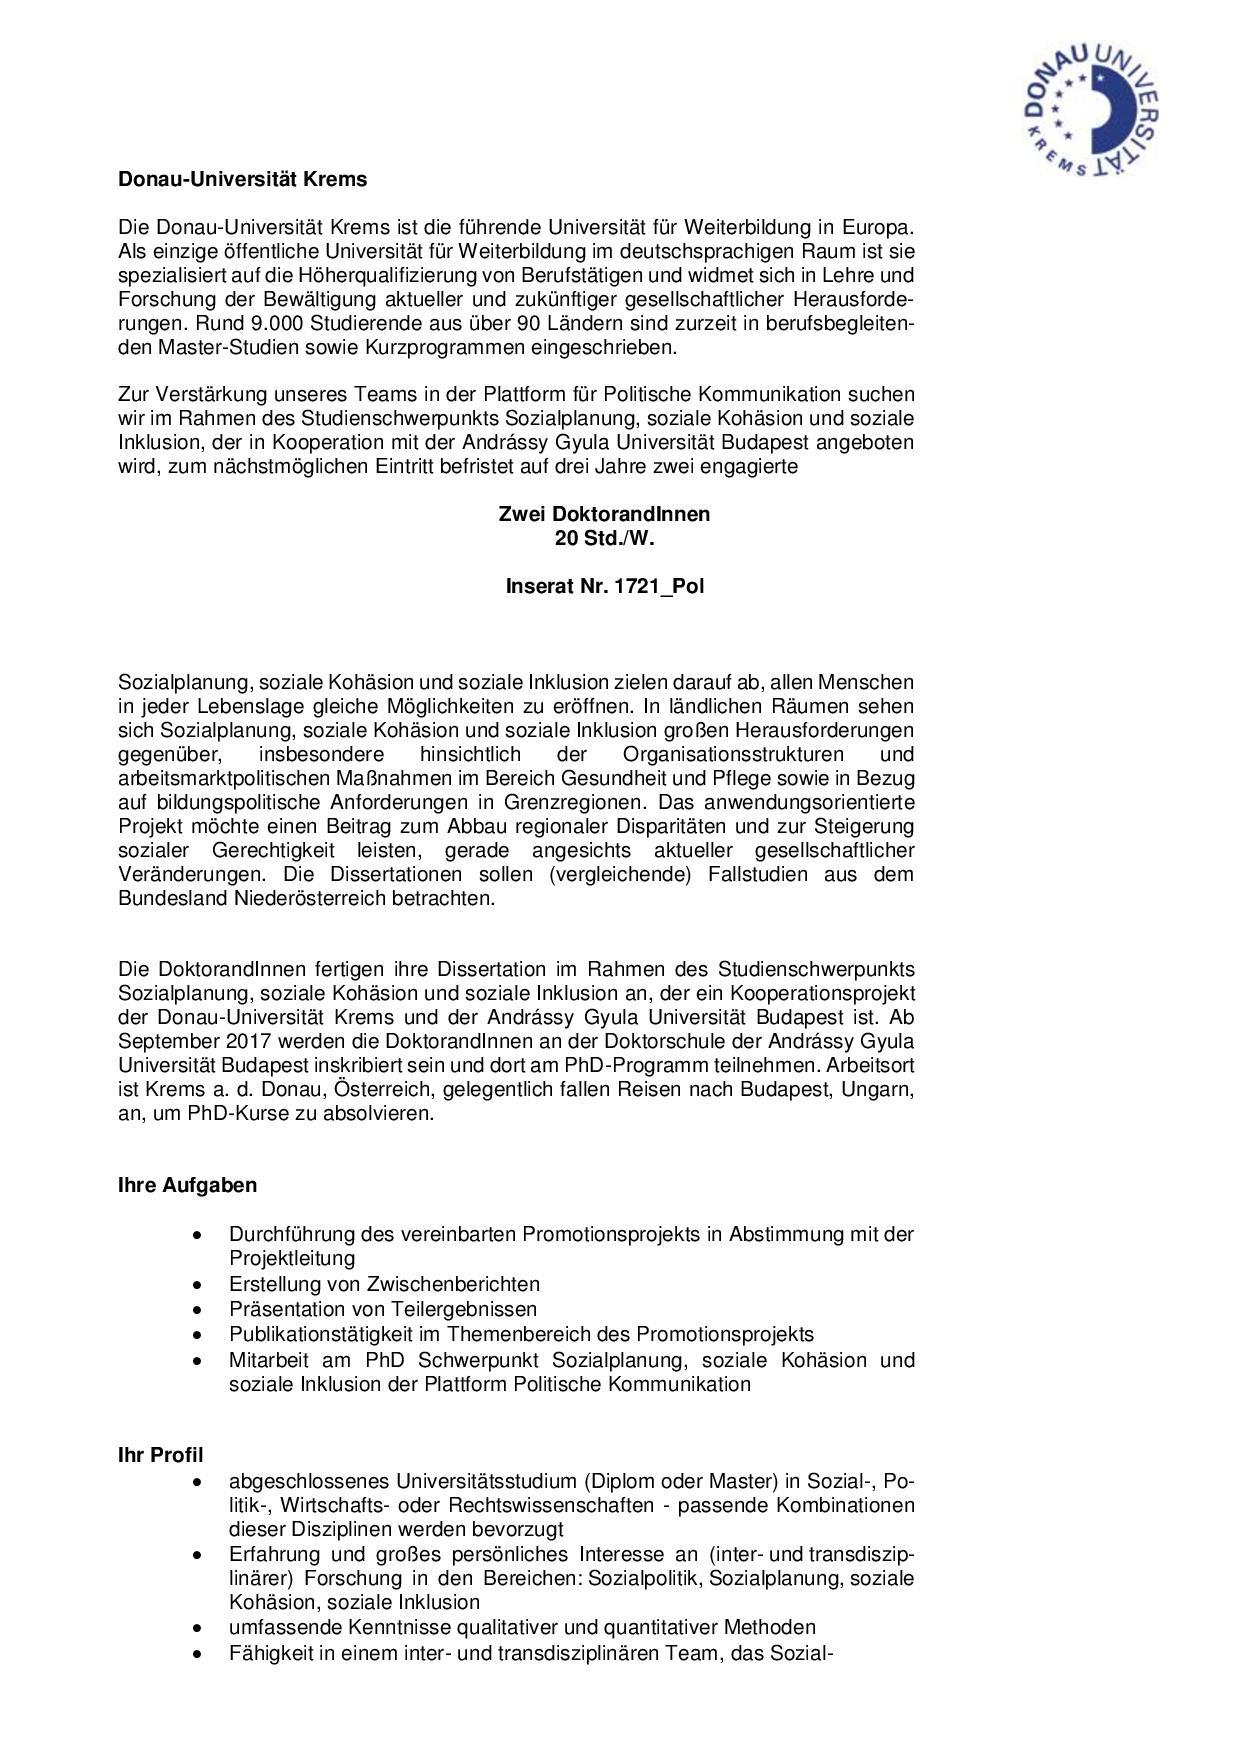 dissertation donau uni krems